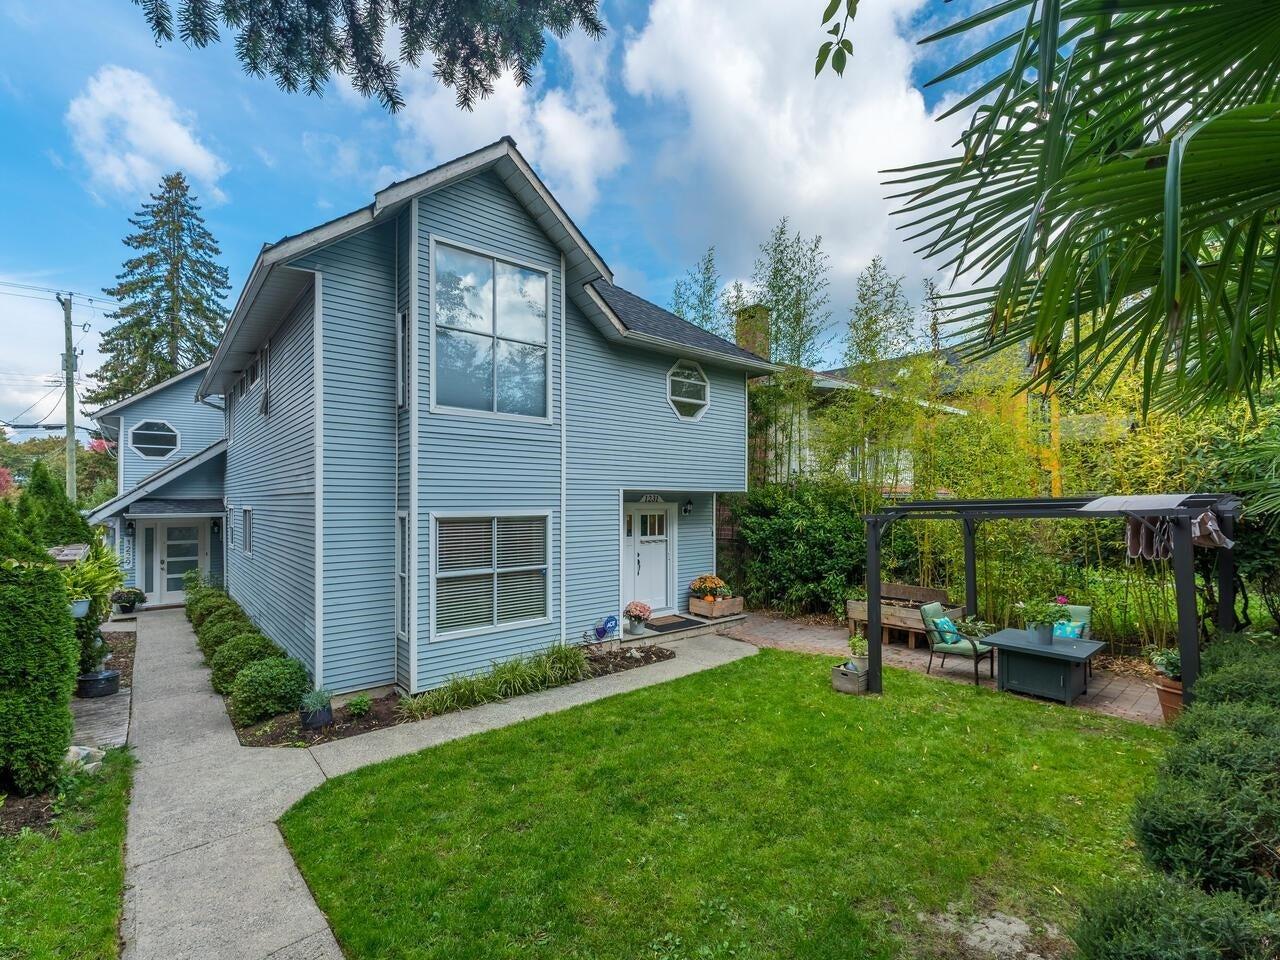 1231 E 11TH AVENUE - Mount Pleasant VE 1/2 Duplex for sale, 3 Bedrooms (R2625828) - #35